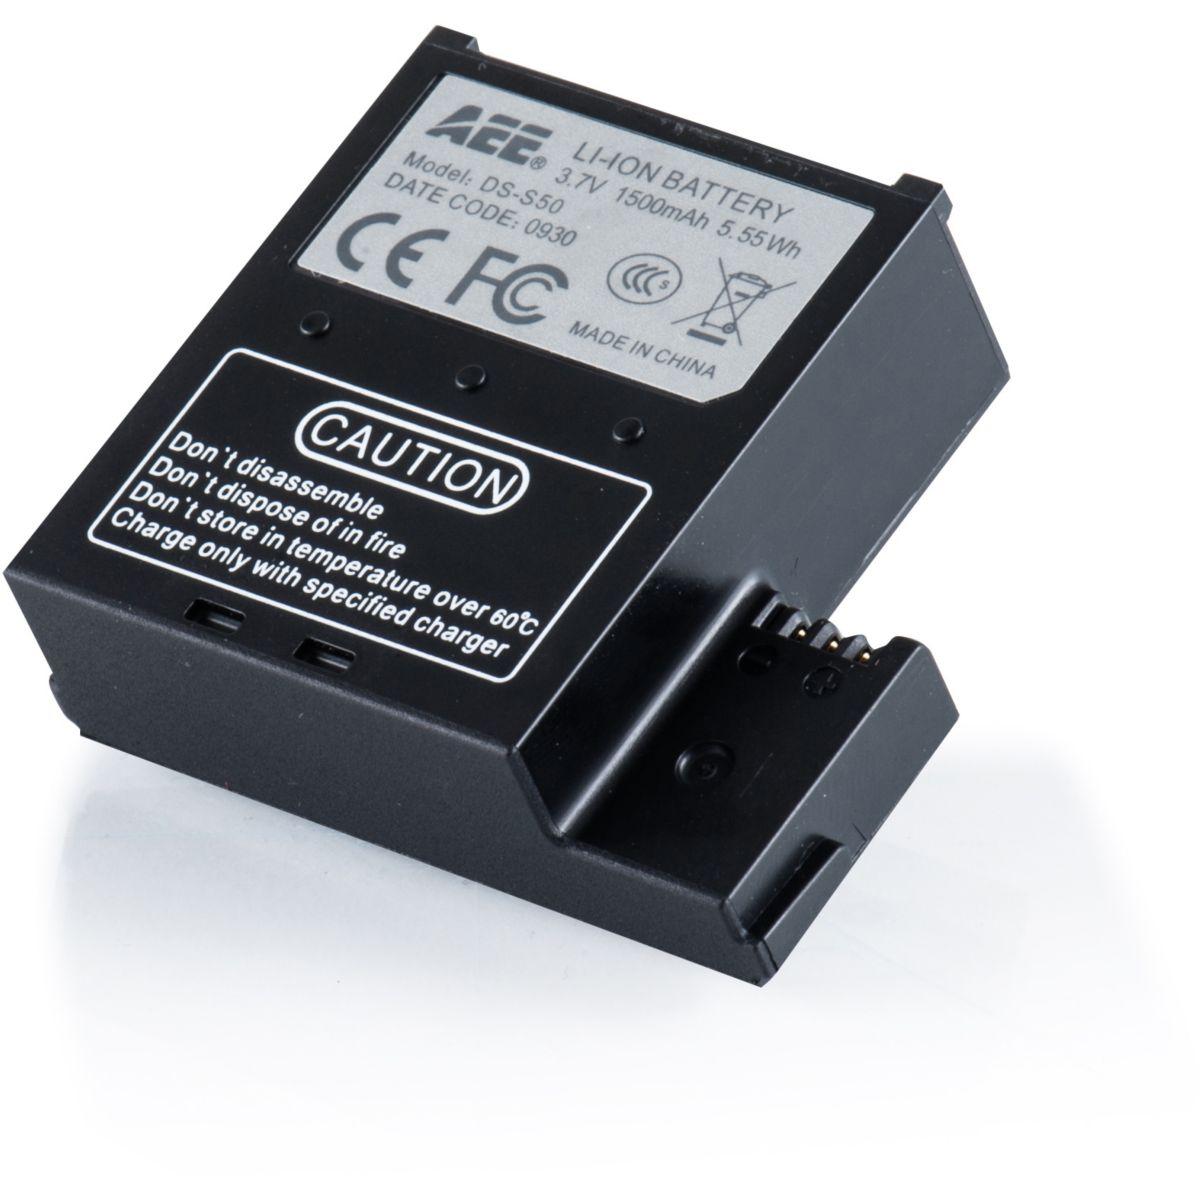 Batterie pnj cam batterie 1500mah rechargeable (photo)